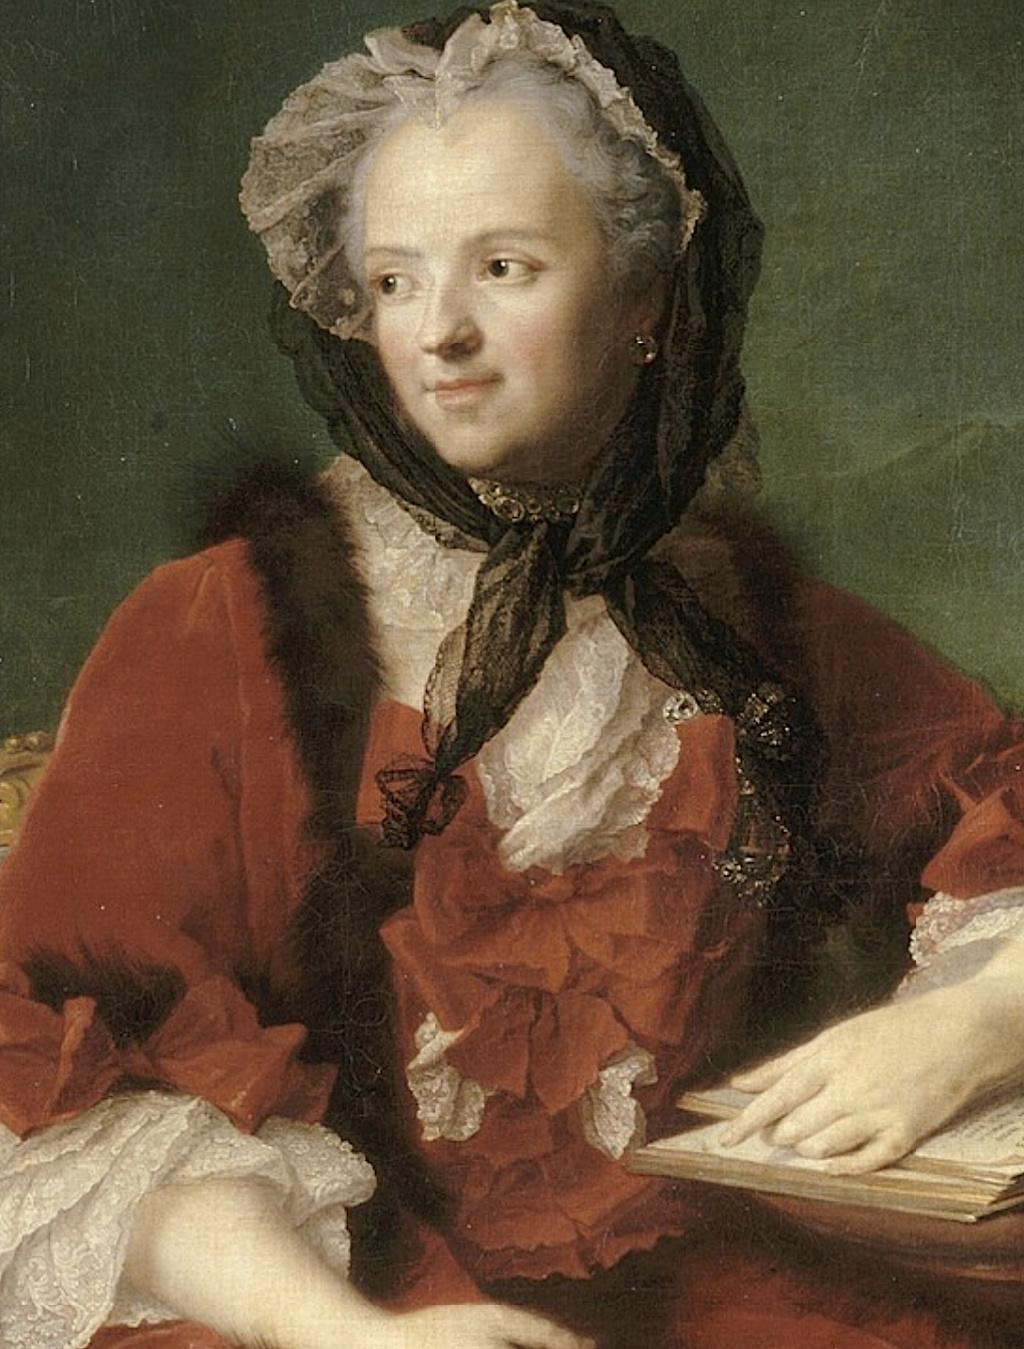 La reine Marie Leszczynska - Page 2 Captu497